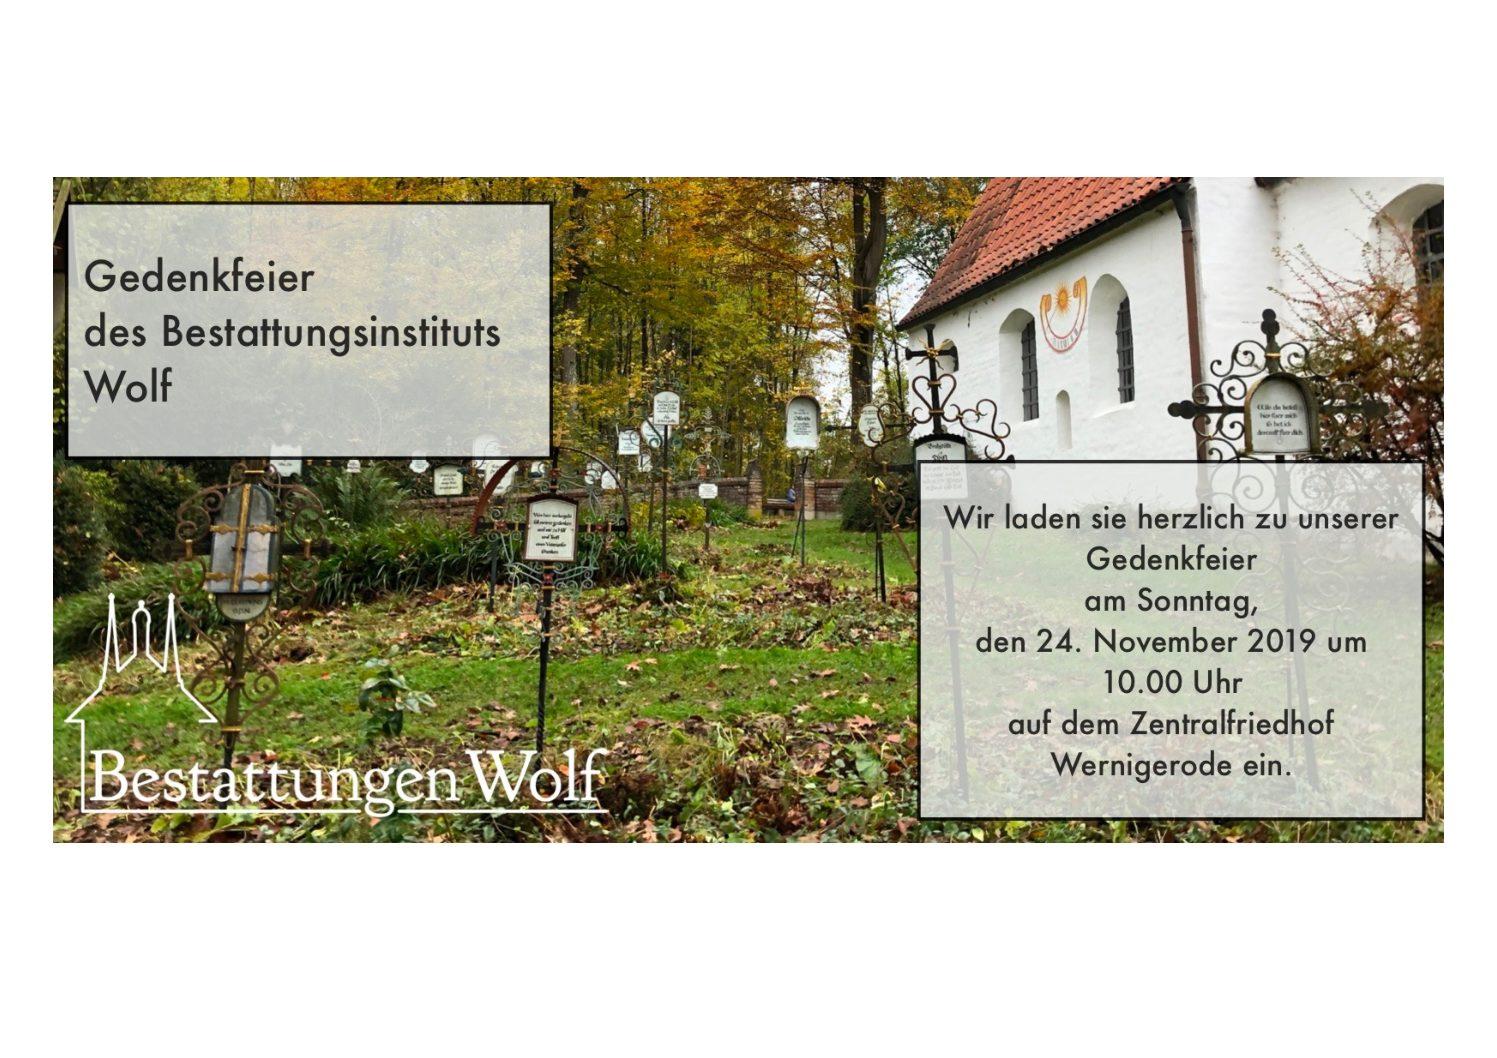 Gedenkfeier Zentralfriedhof Wernigerode